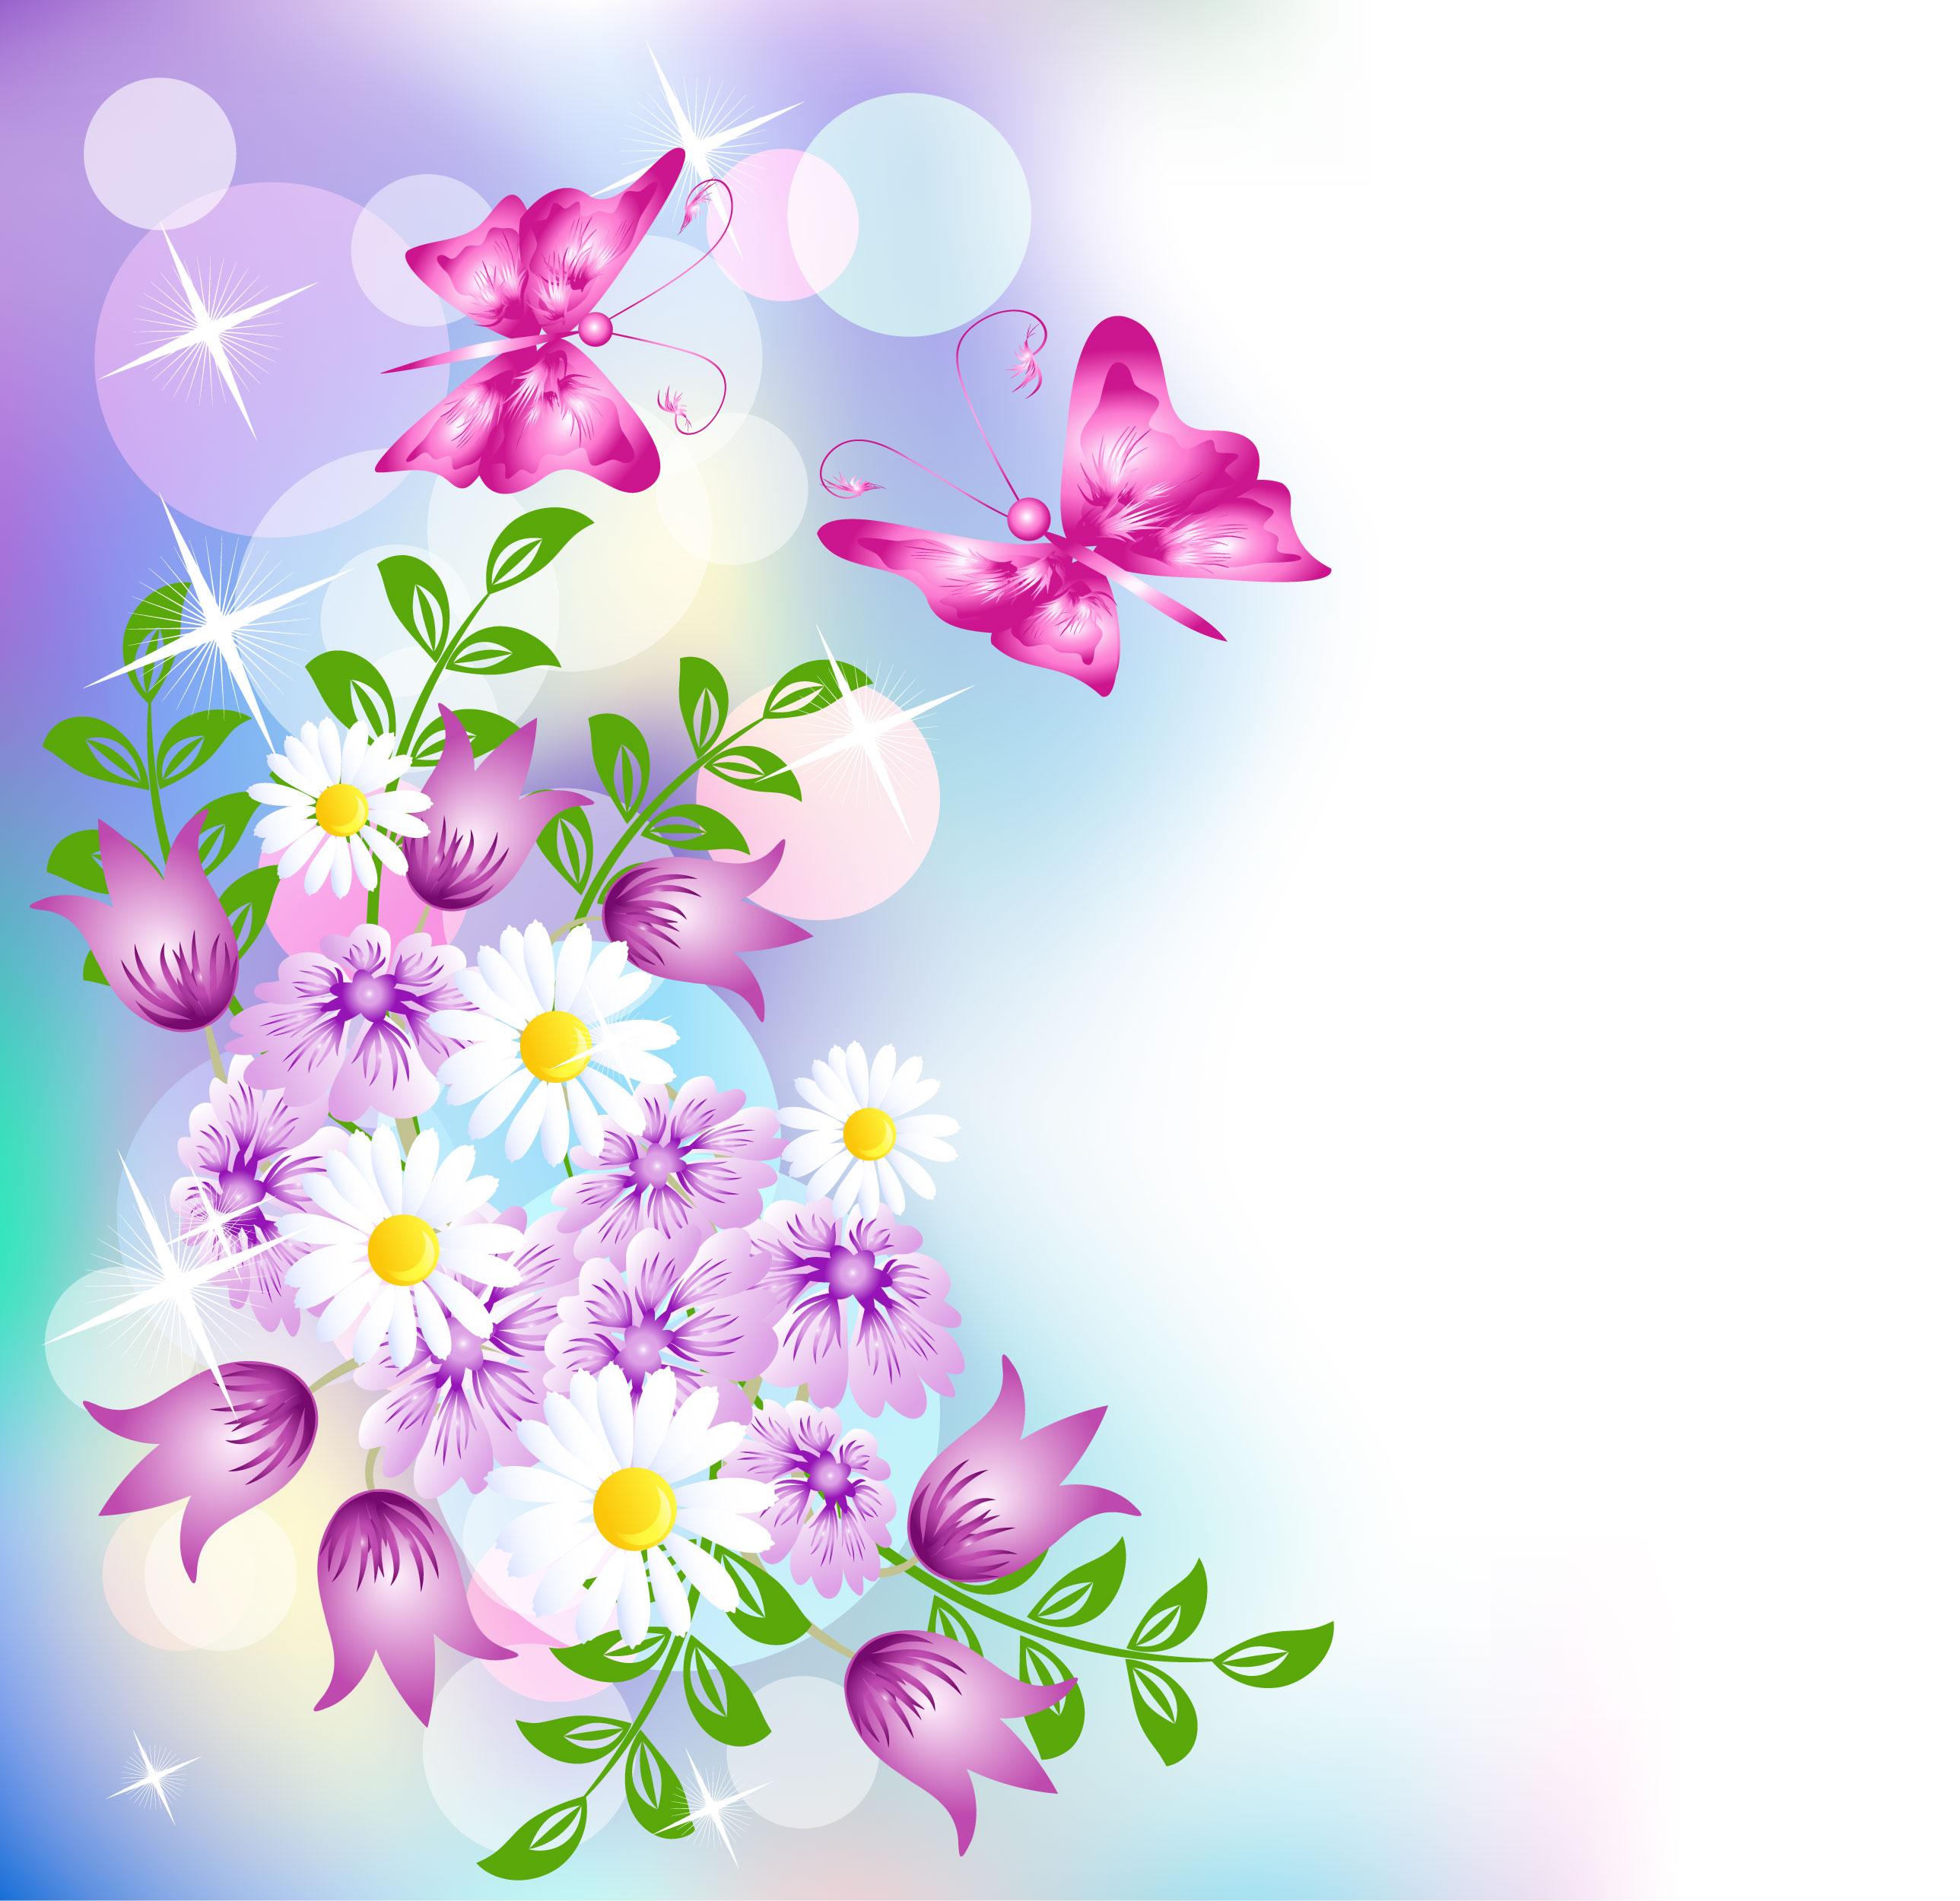 花のイラスト・フリー素材/壁紙・背景no.649『赤紫・白・光彩・輝き』